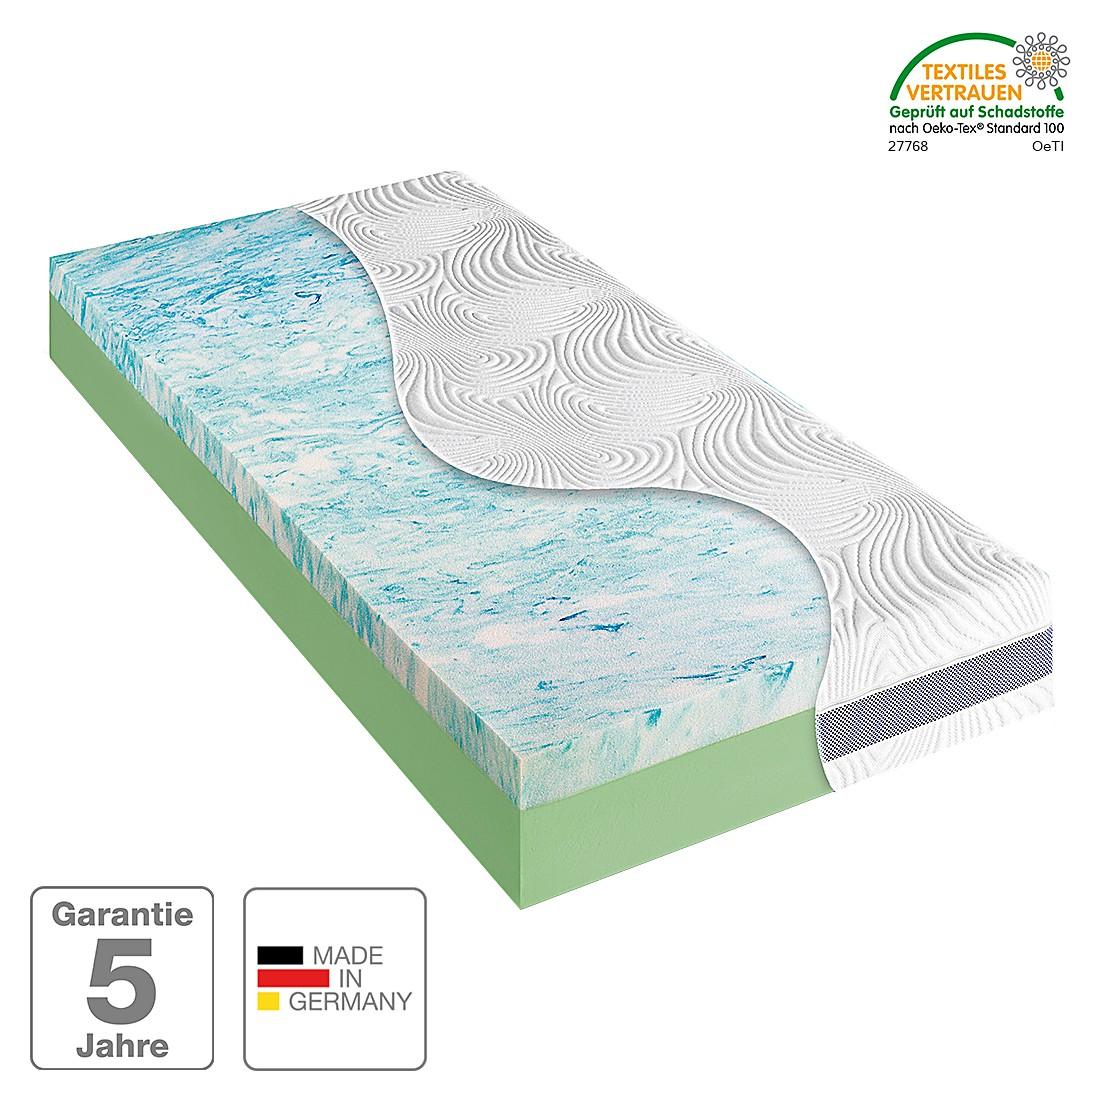 Komfortschaummatratze AquaLite 2100 – 80 x 190cm – H3 ab 80 kg, Dunlopillo günstig kaufen